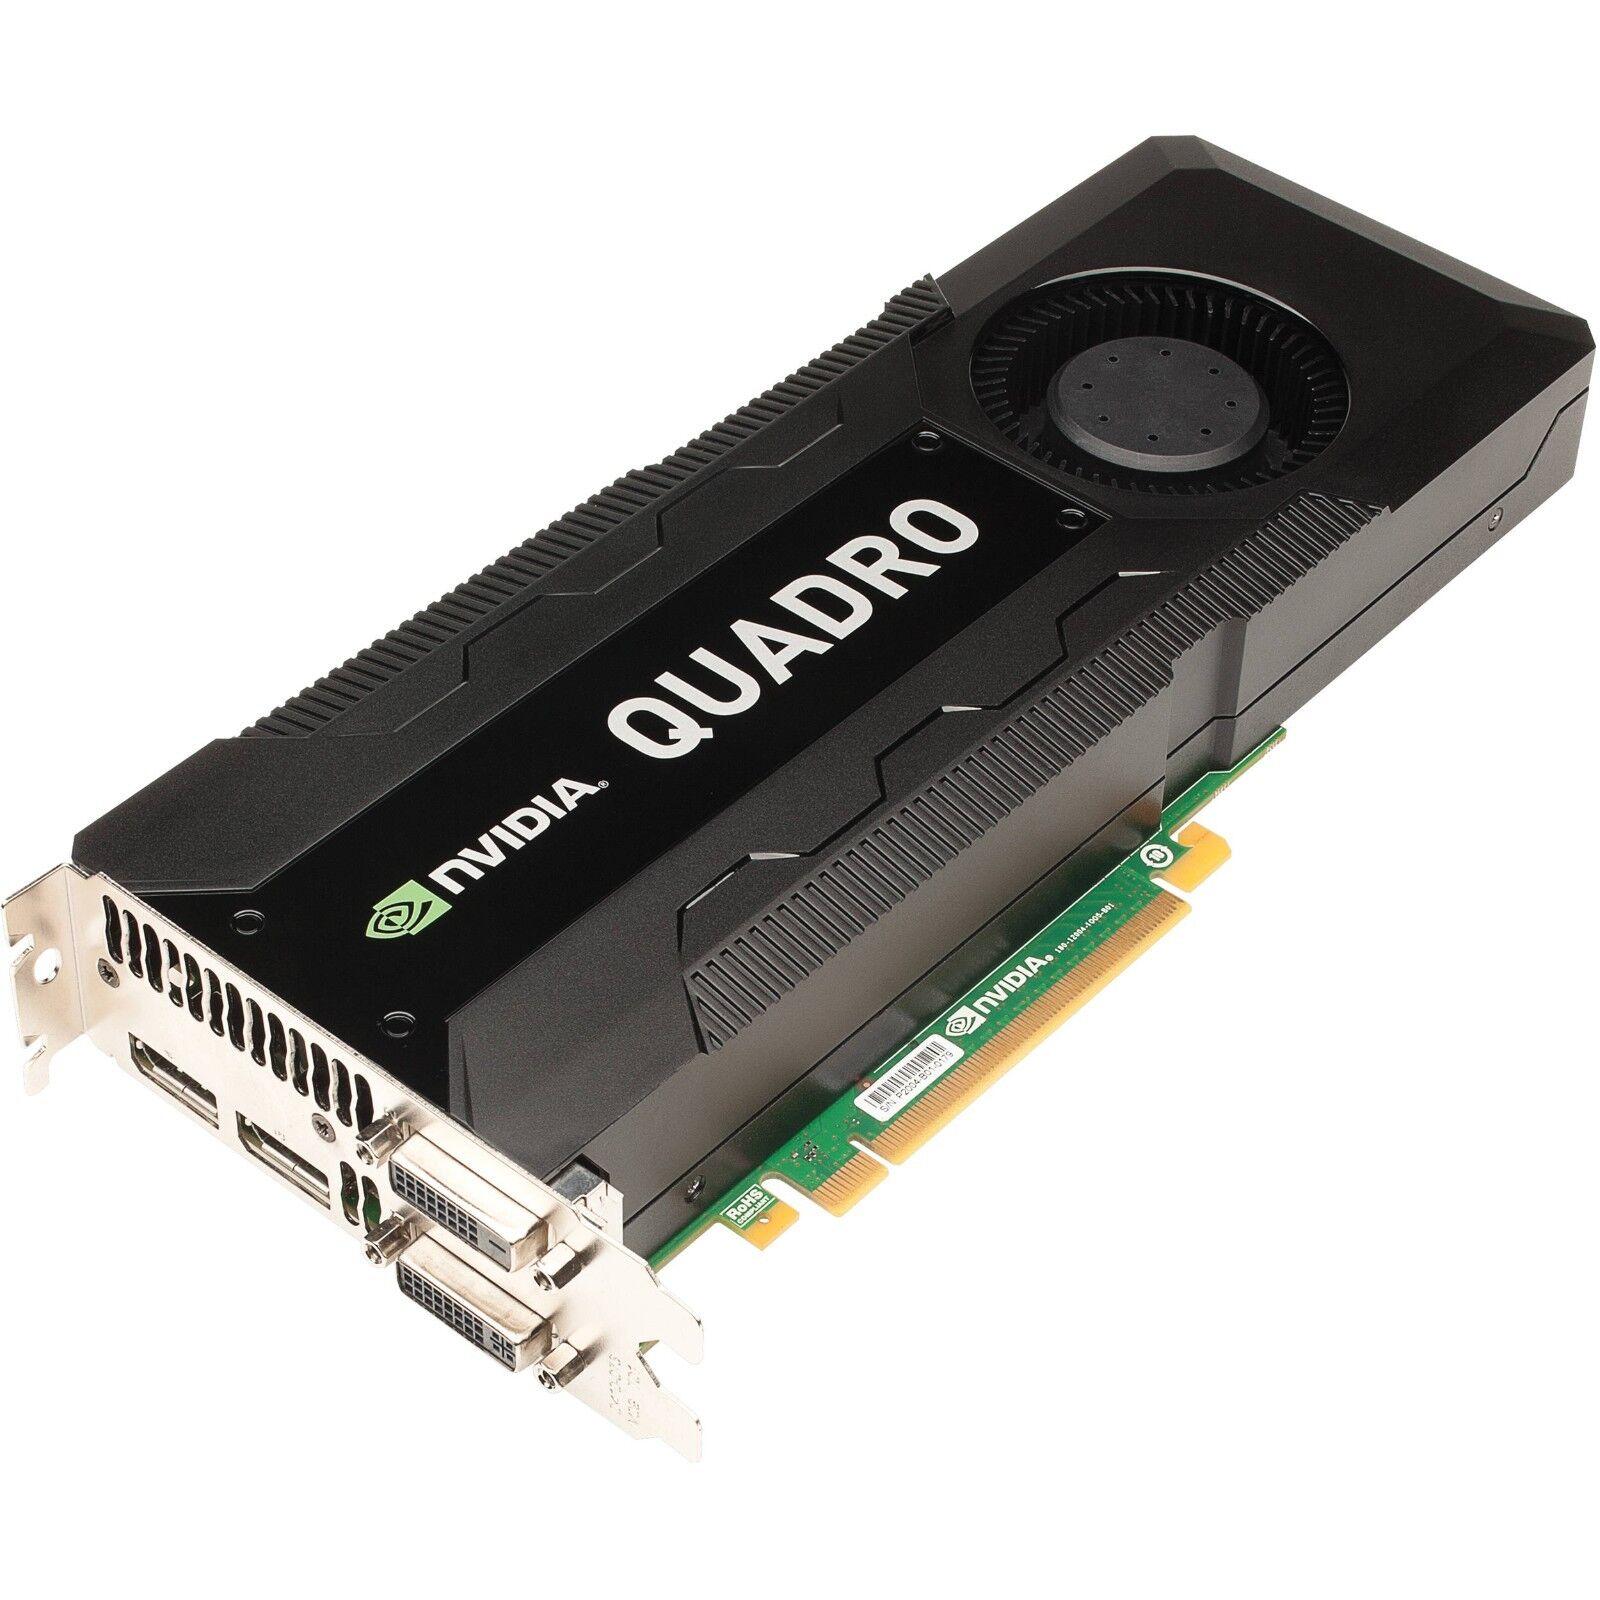 PNY NVIDIA Quadro K5000 Mac 4GB GDDR 5 PCIe 2.0 x16 Kepler GPU VCQK 5000MAC